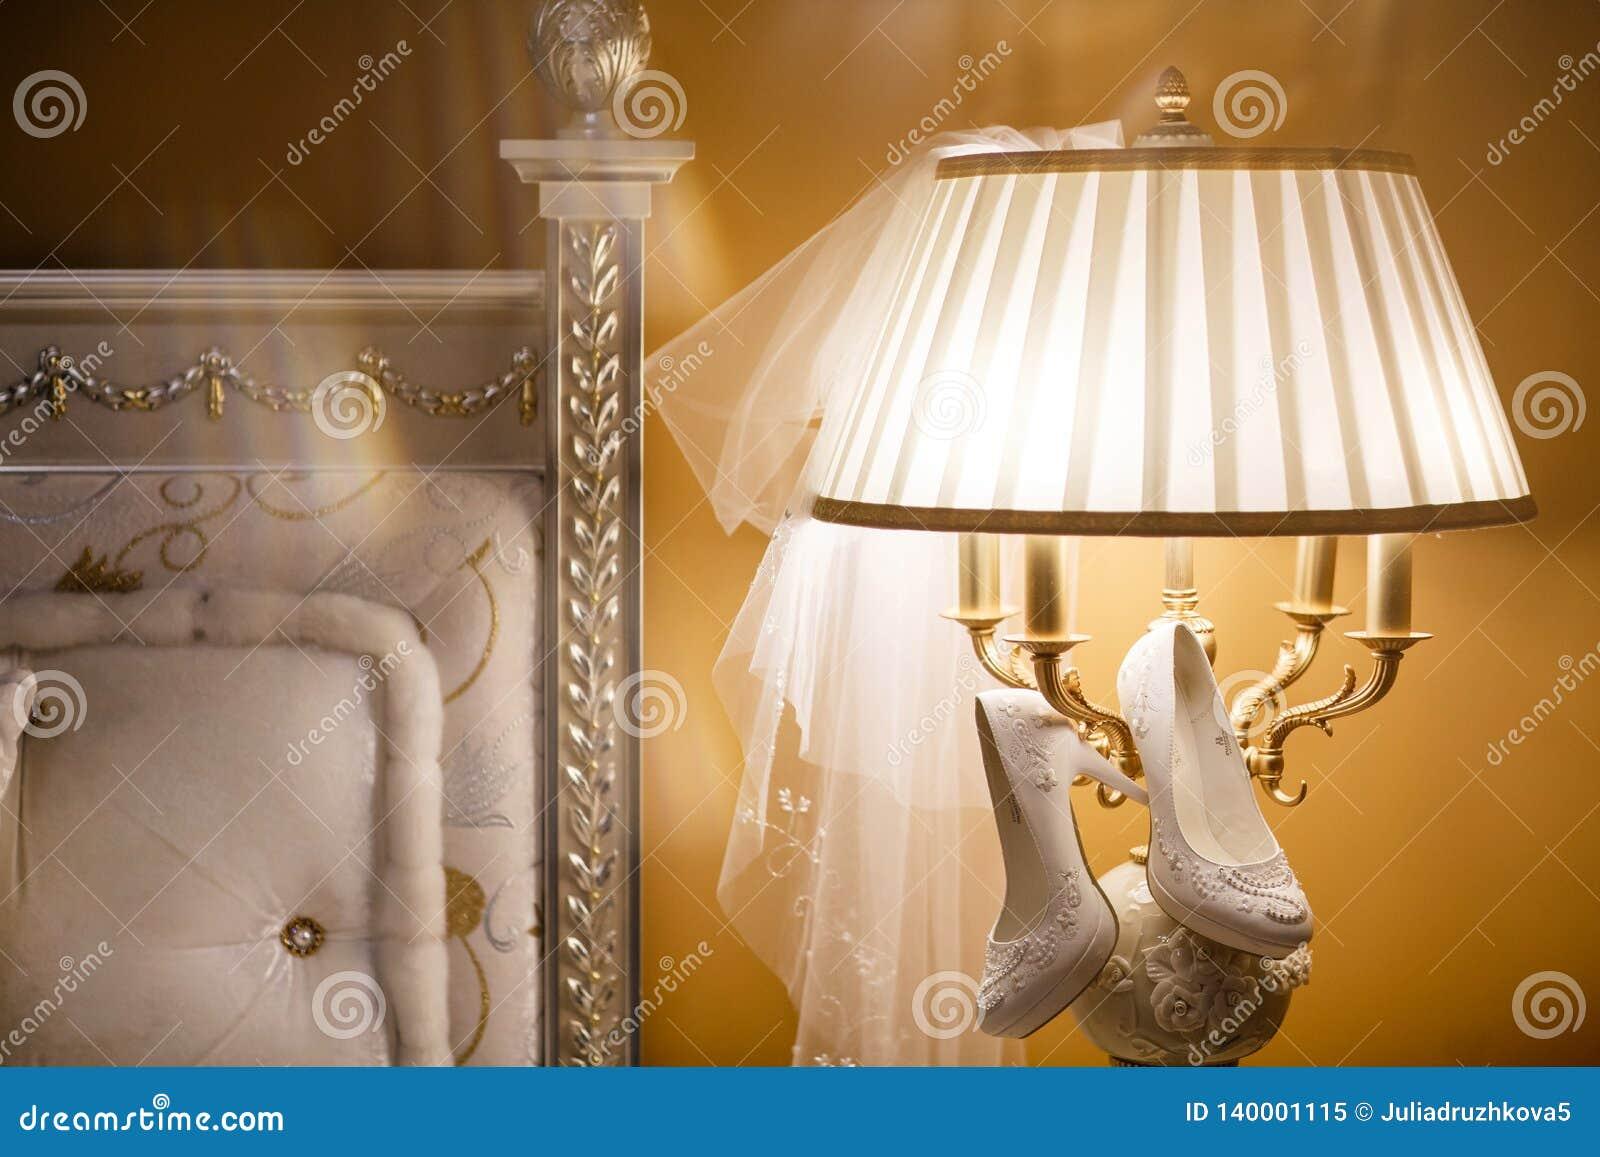 Preparaciones para la boda Zapatos blancos del vestido que se casa que cuelga en la lámpara